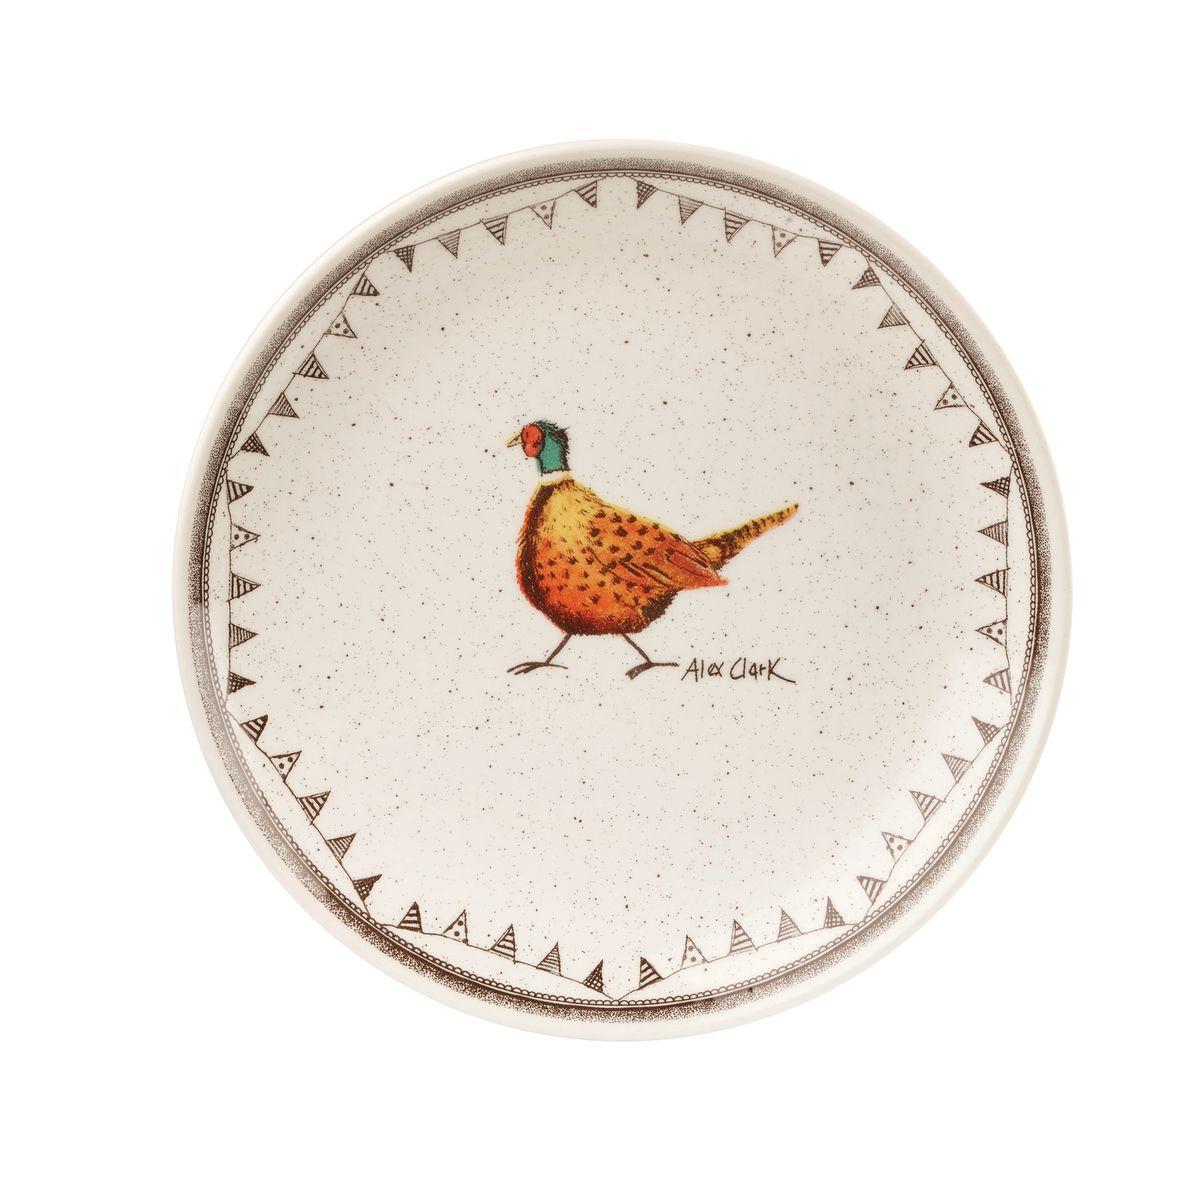 Тарелка десертная Churchill, диаметр 20 см. ACWL00071ACWL00071Коллекция Живая природа - уникальное сочетание живой природы и прекрасные воспоминания из детства. Лёгкий и простой дизайн с пастельными красками идеально подойдёт для любой кухни. Материал: Фарфор, керамика, фаянс, костяной фарфор. Можно мыть в посудомоечной машине Можно использовать в микроволновой печи